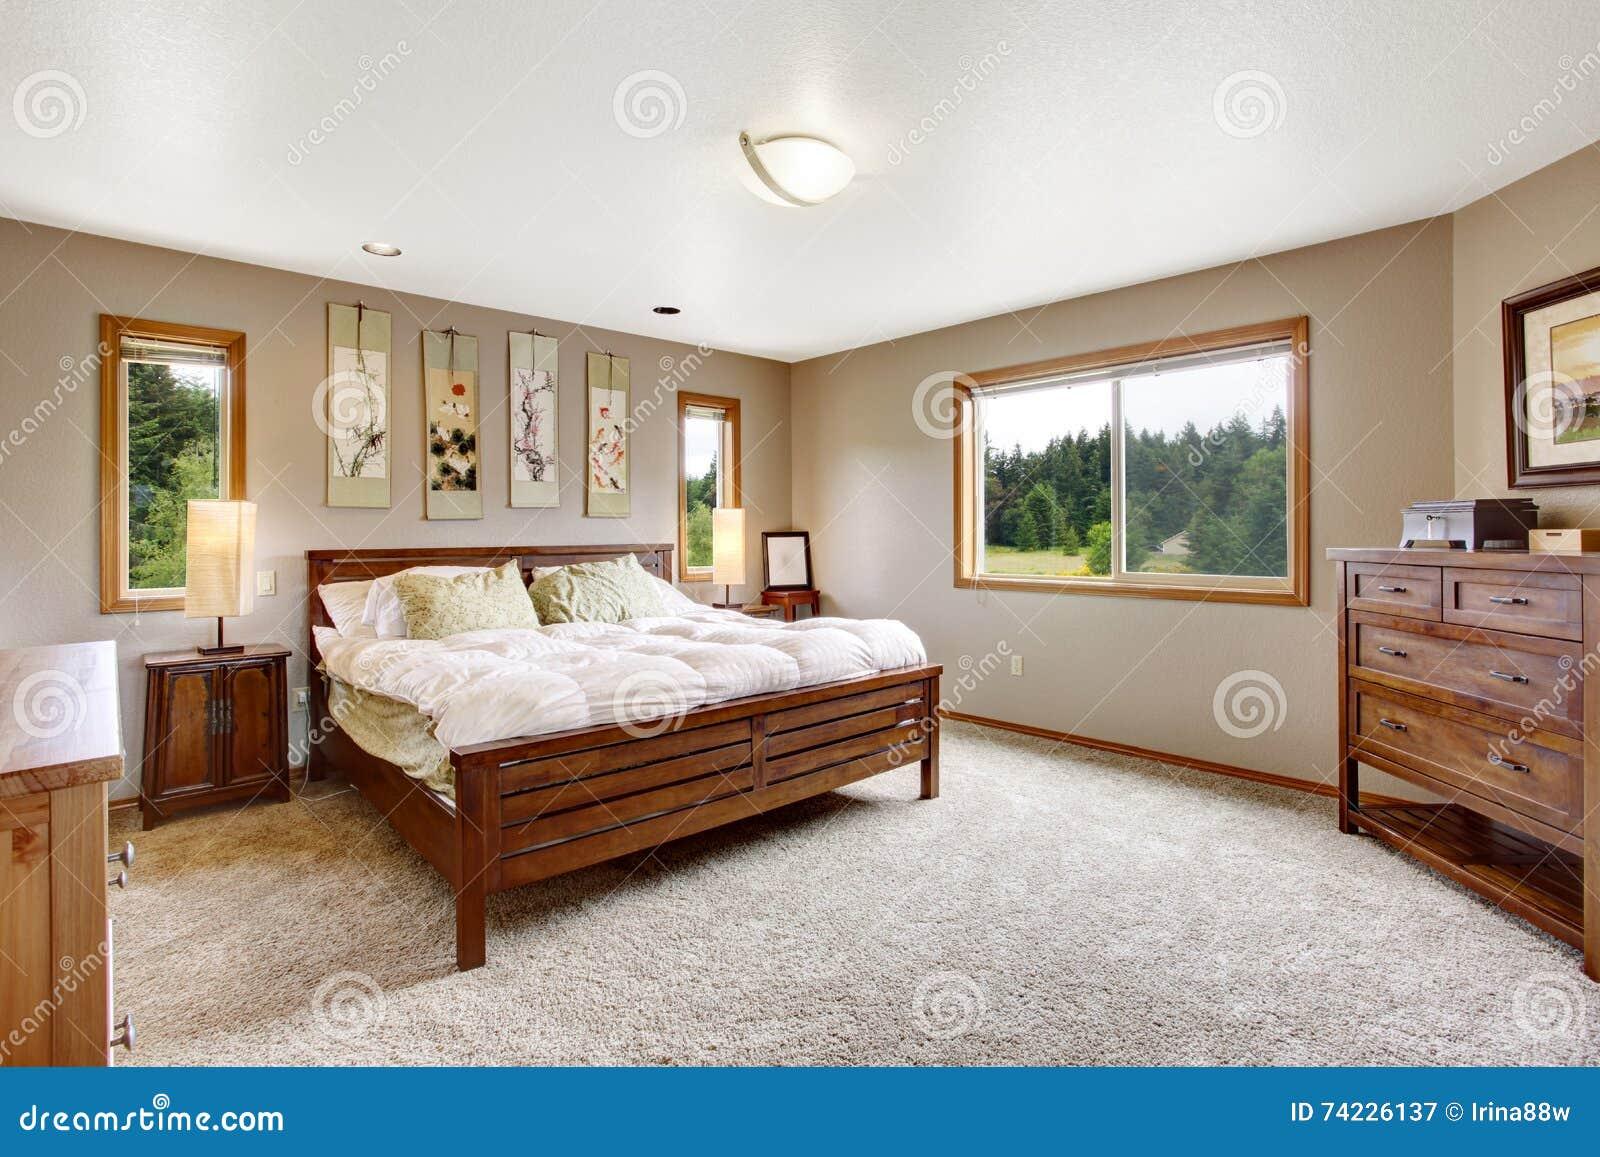 Interieur Confortable De Salle Bains Avec Le Double Lit En Bois Et La Moquette Beige